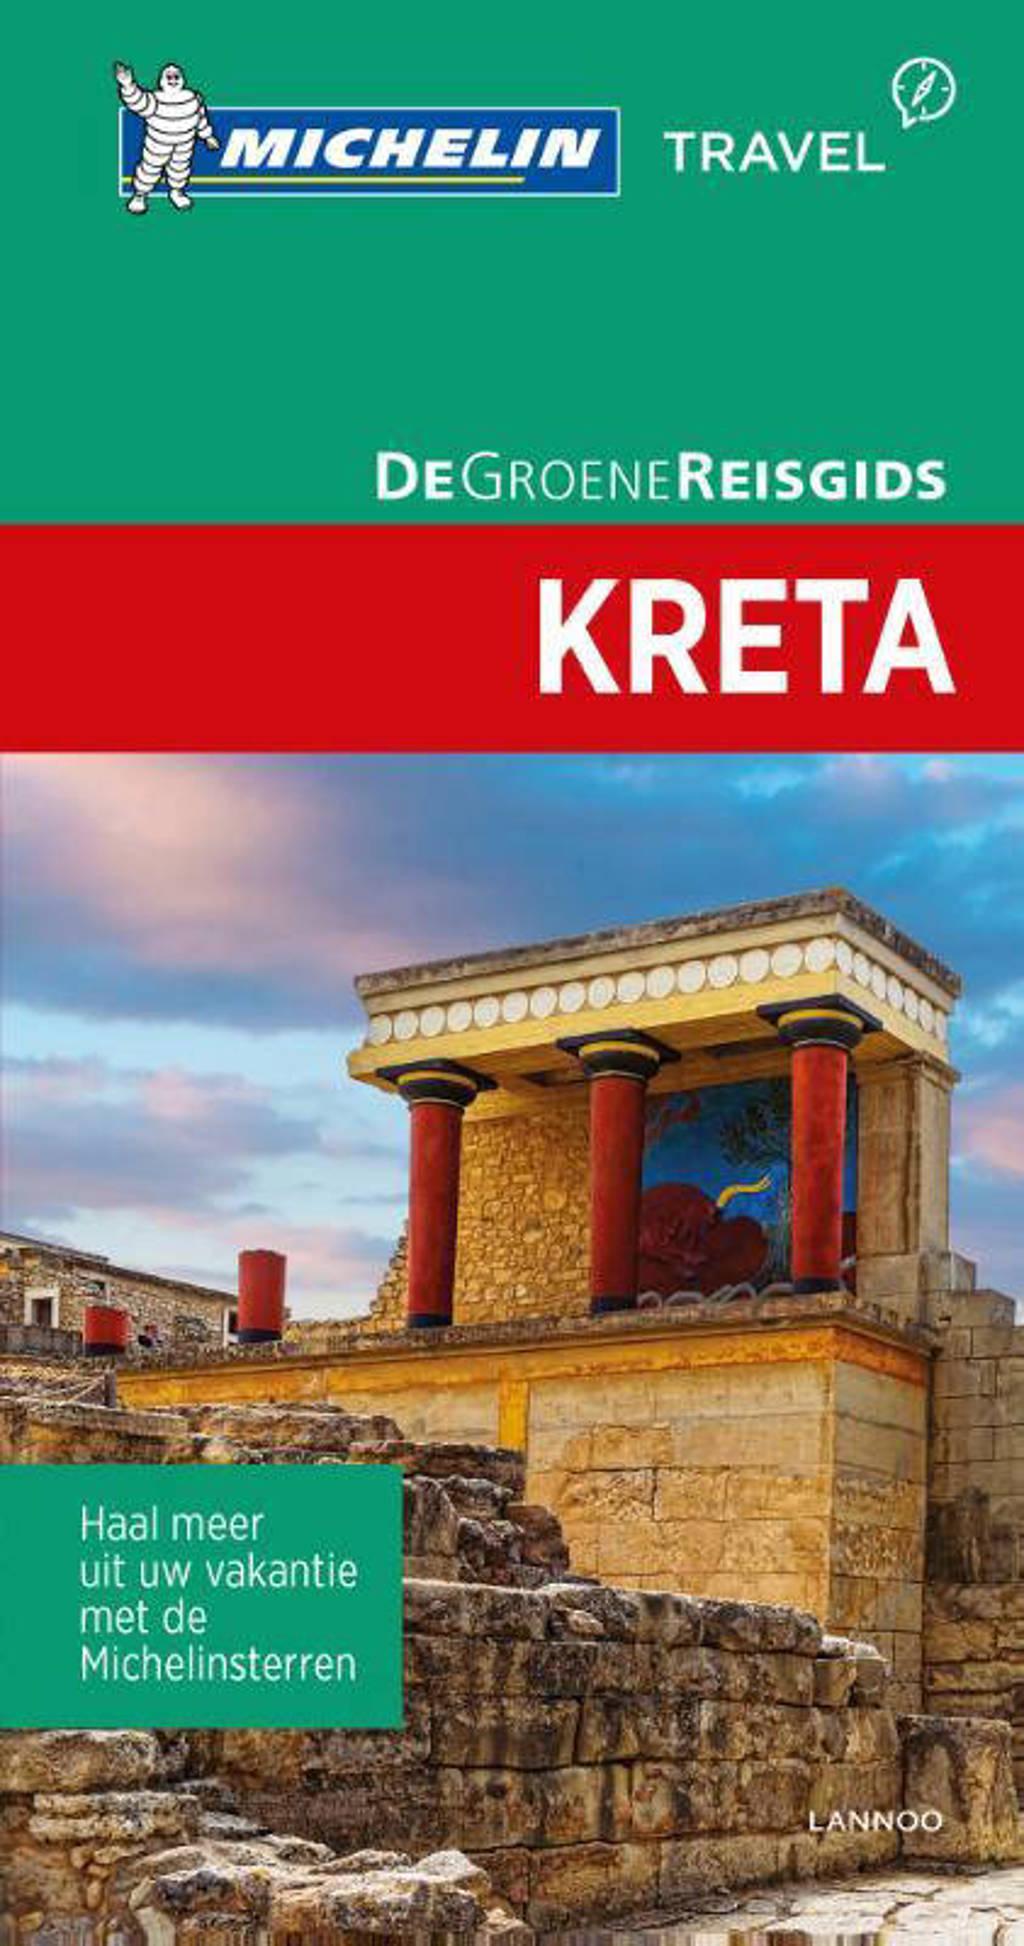 De Groene Reisgids: De Groene Reisgids - Kreta